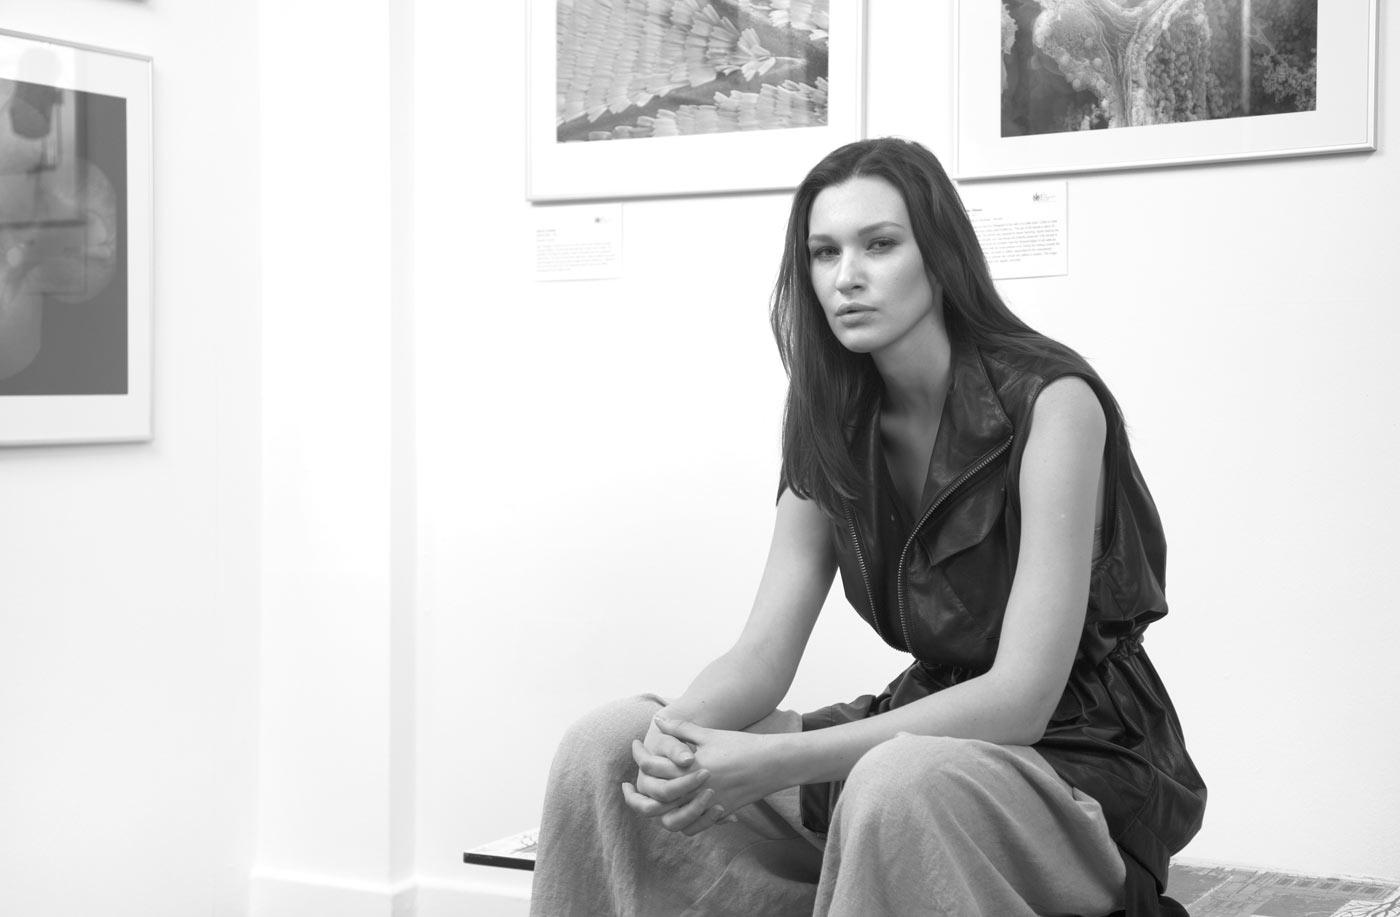 model sat on bench